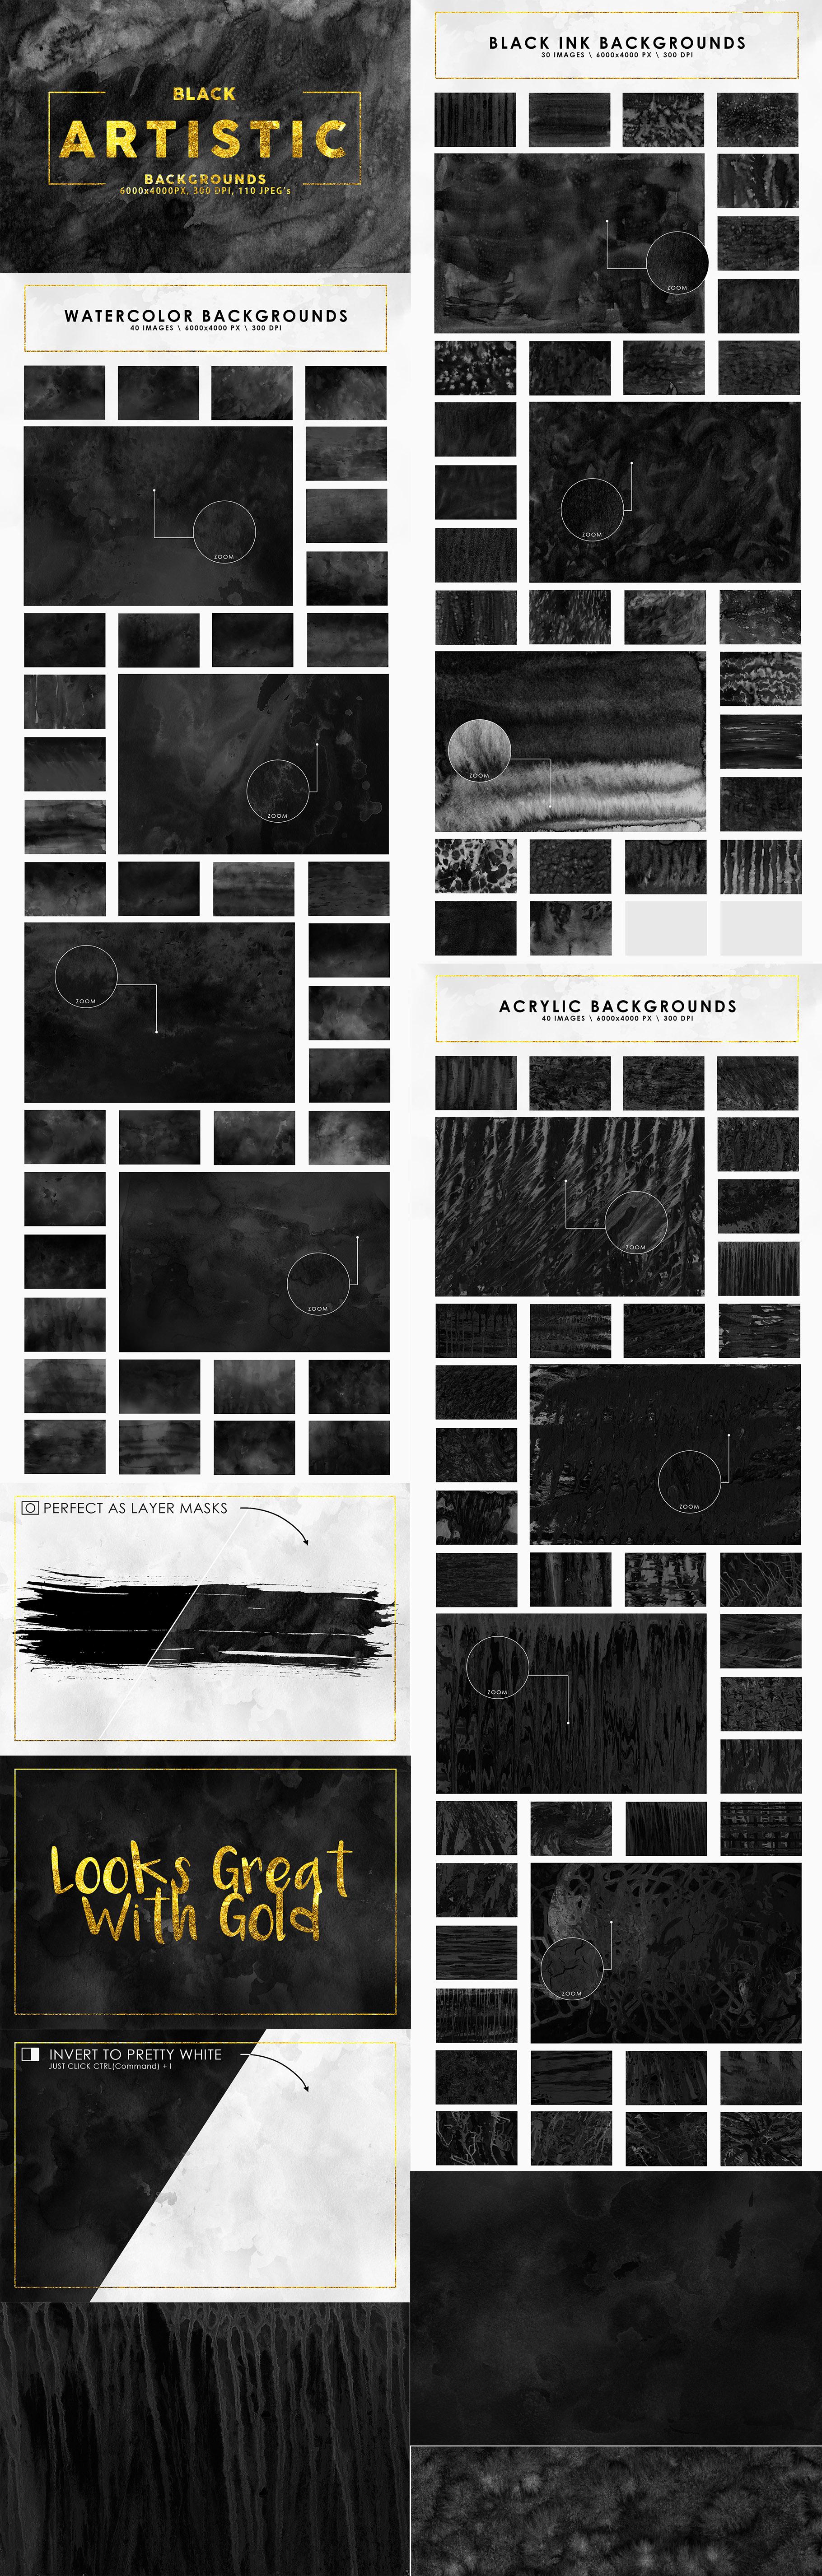 Aesthetic Backgrounds BUNDLE example image 3